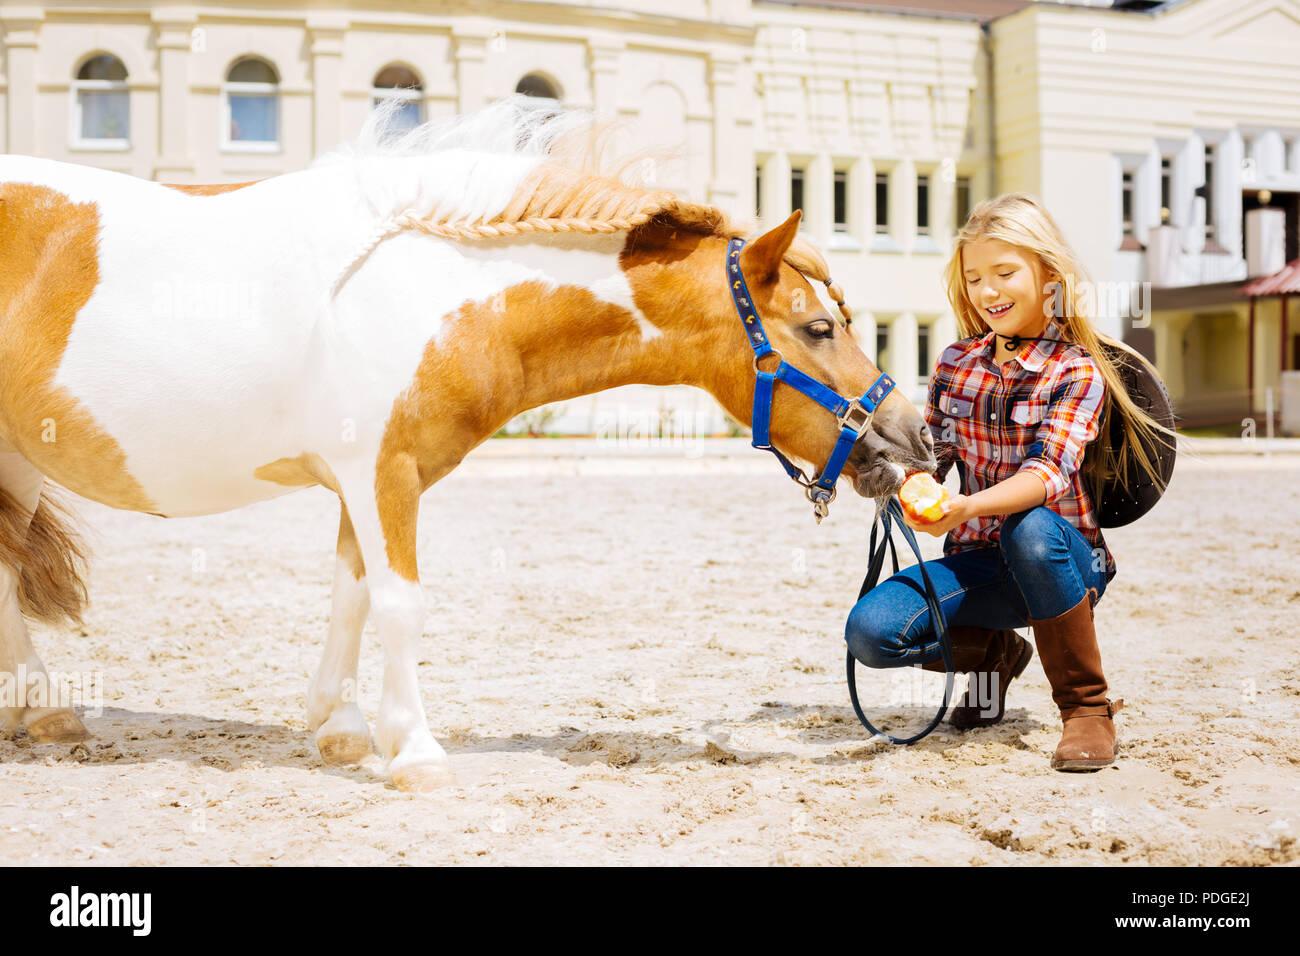 Divertito schoolgirl spende i suoi fine settimana vicino stabile con cavallo Immagini Stock